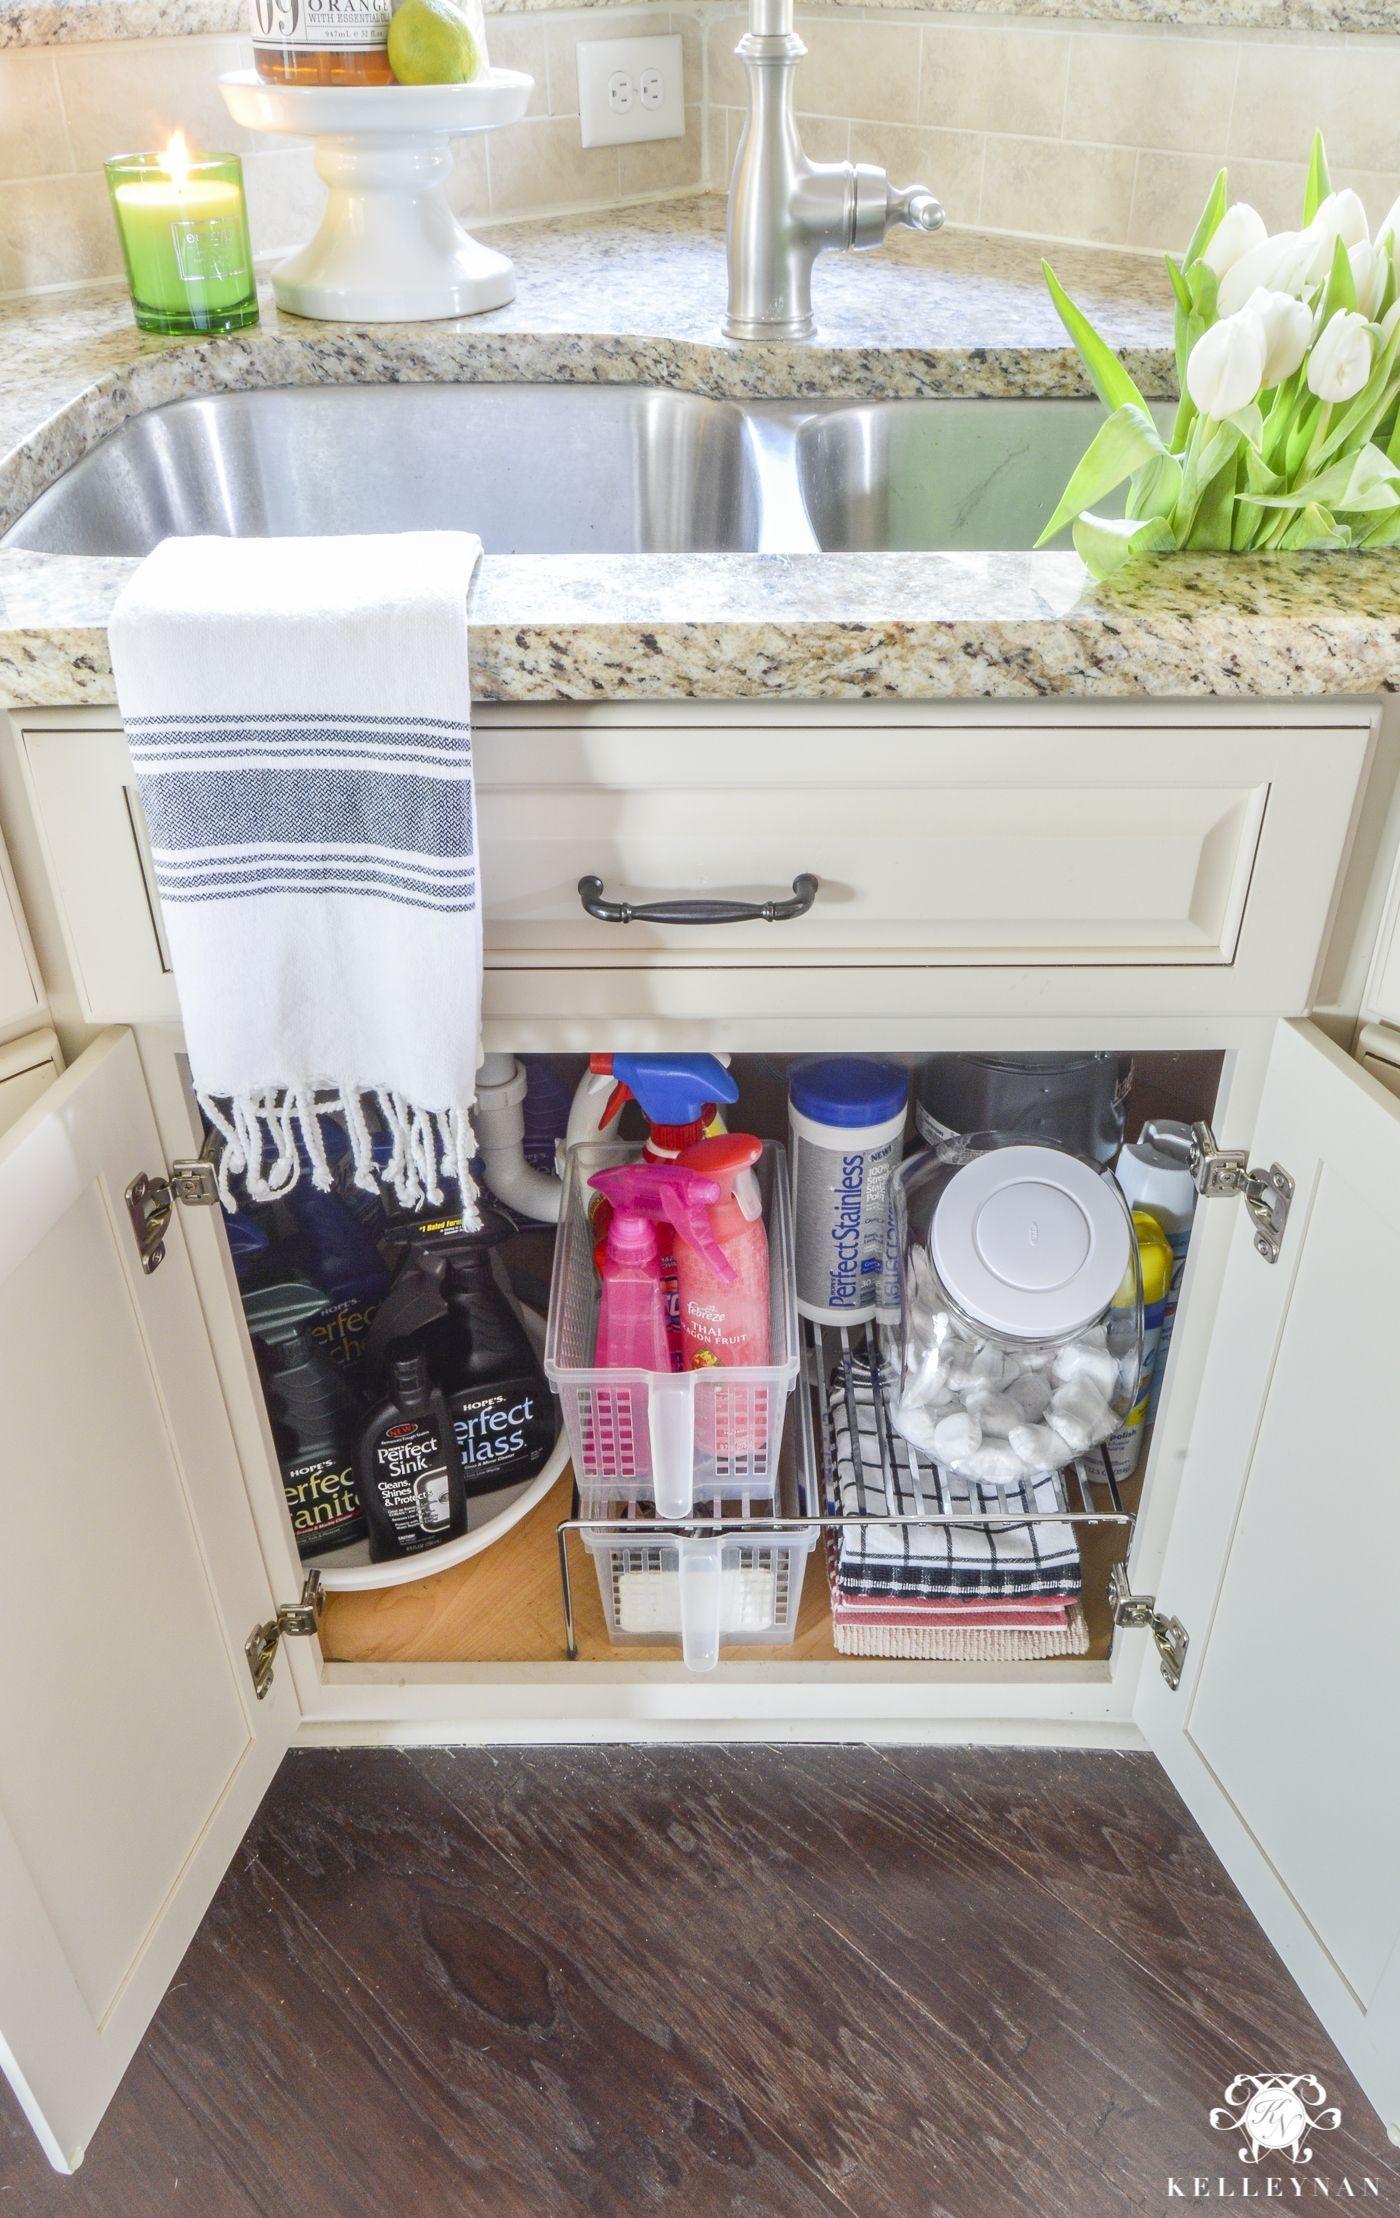 Elegant Kitchen Organization Ideas For Your Kitchen31